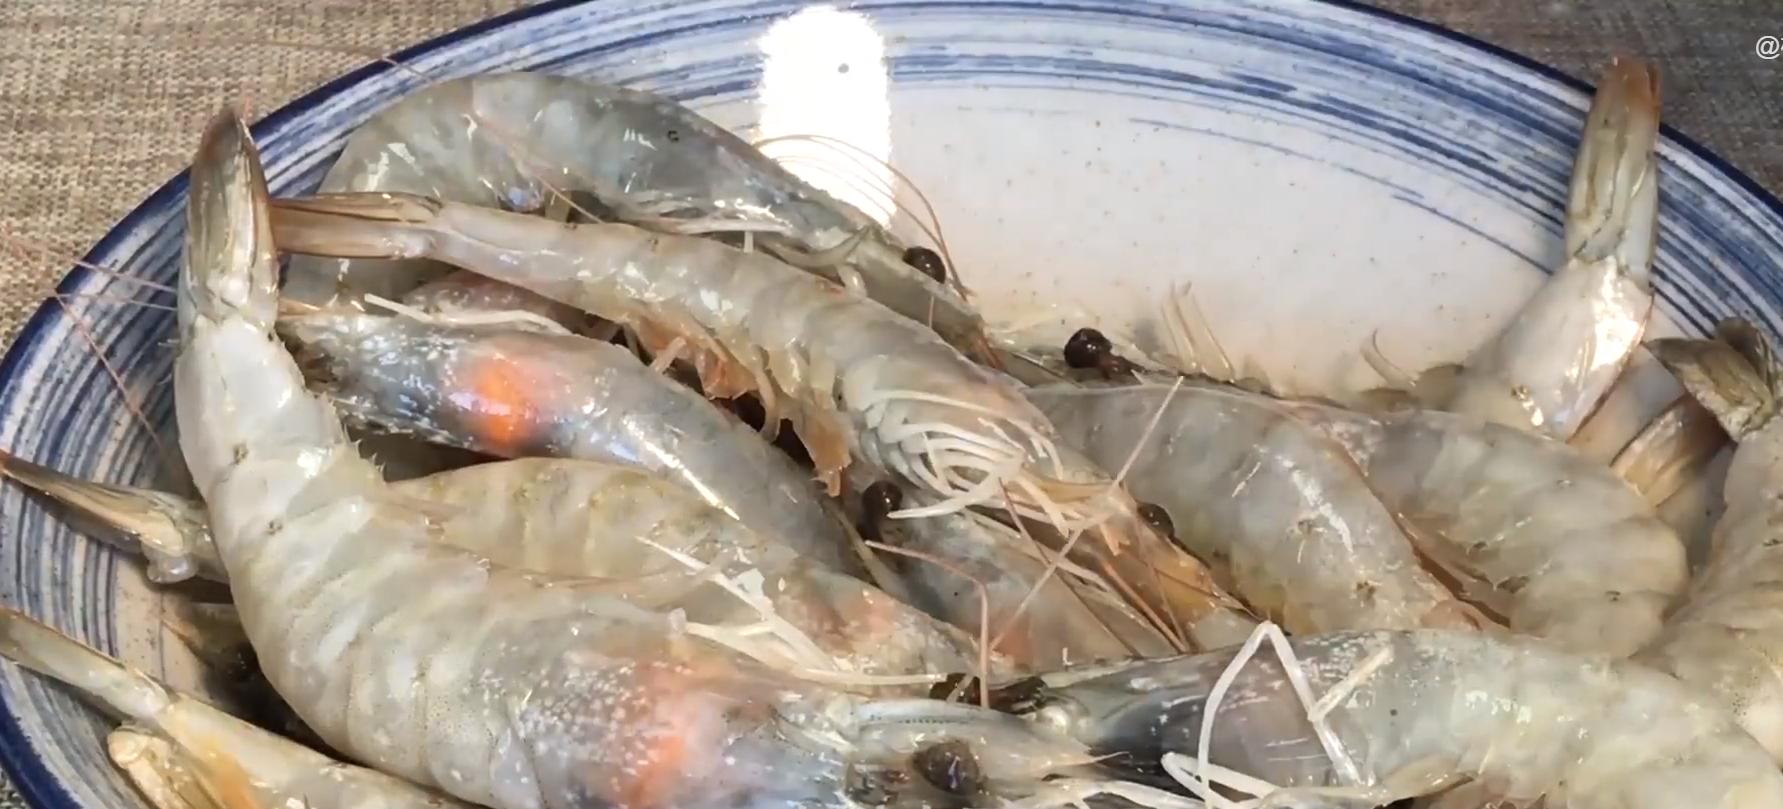 做大虾时,不要直接用水煮,教你正确做法,虾肉鲜嫩入味超好吃 美食做法 第1张